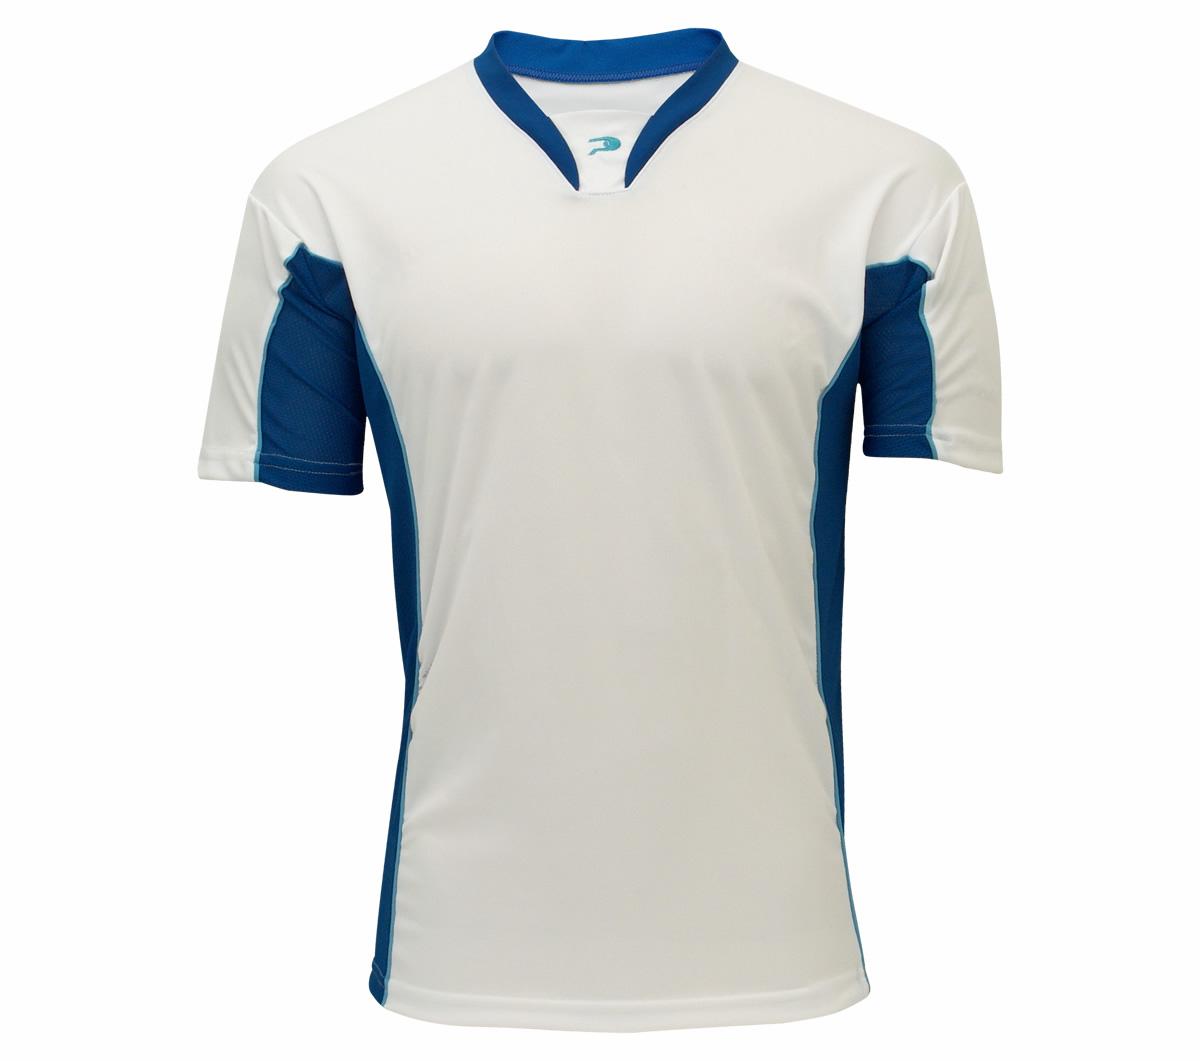 102362a8db Camisa Goleiro Placar Tamoio Branca e Azul - Mundo do Futebol